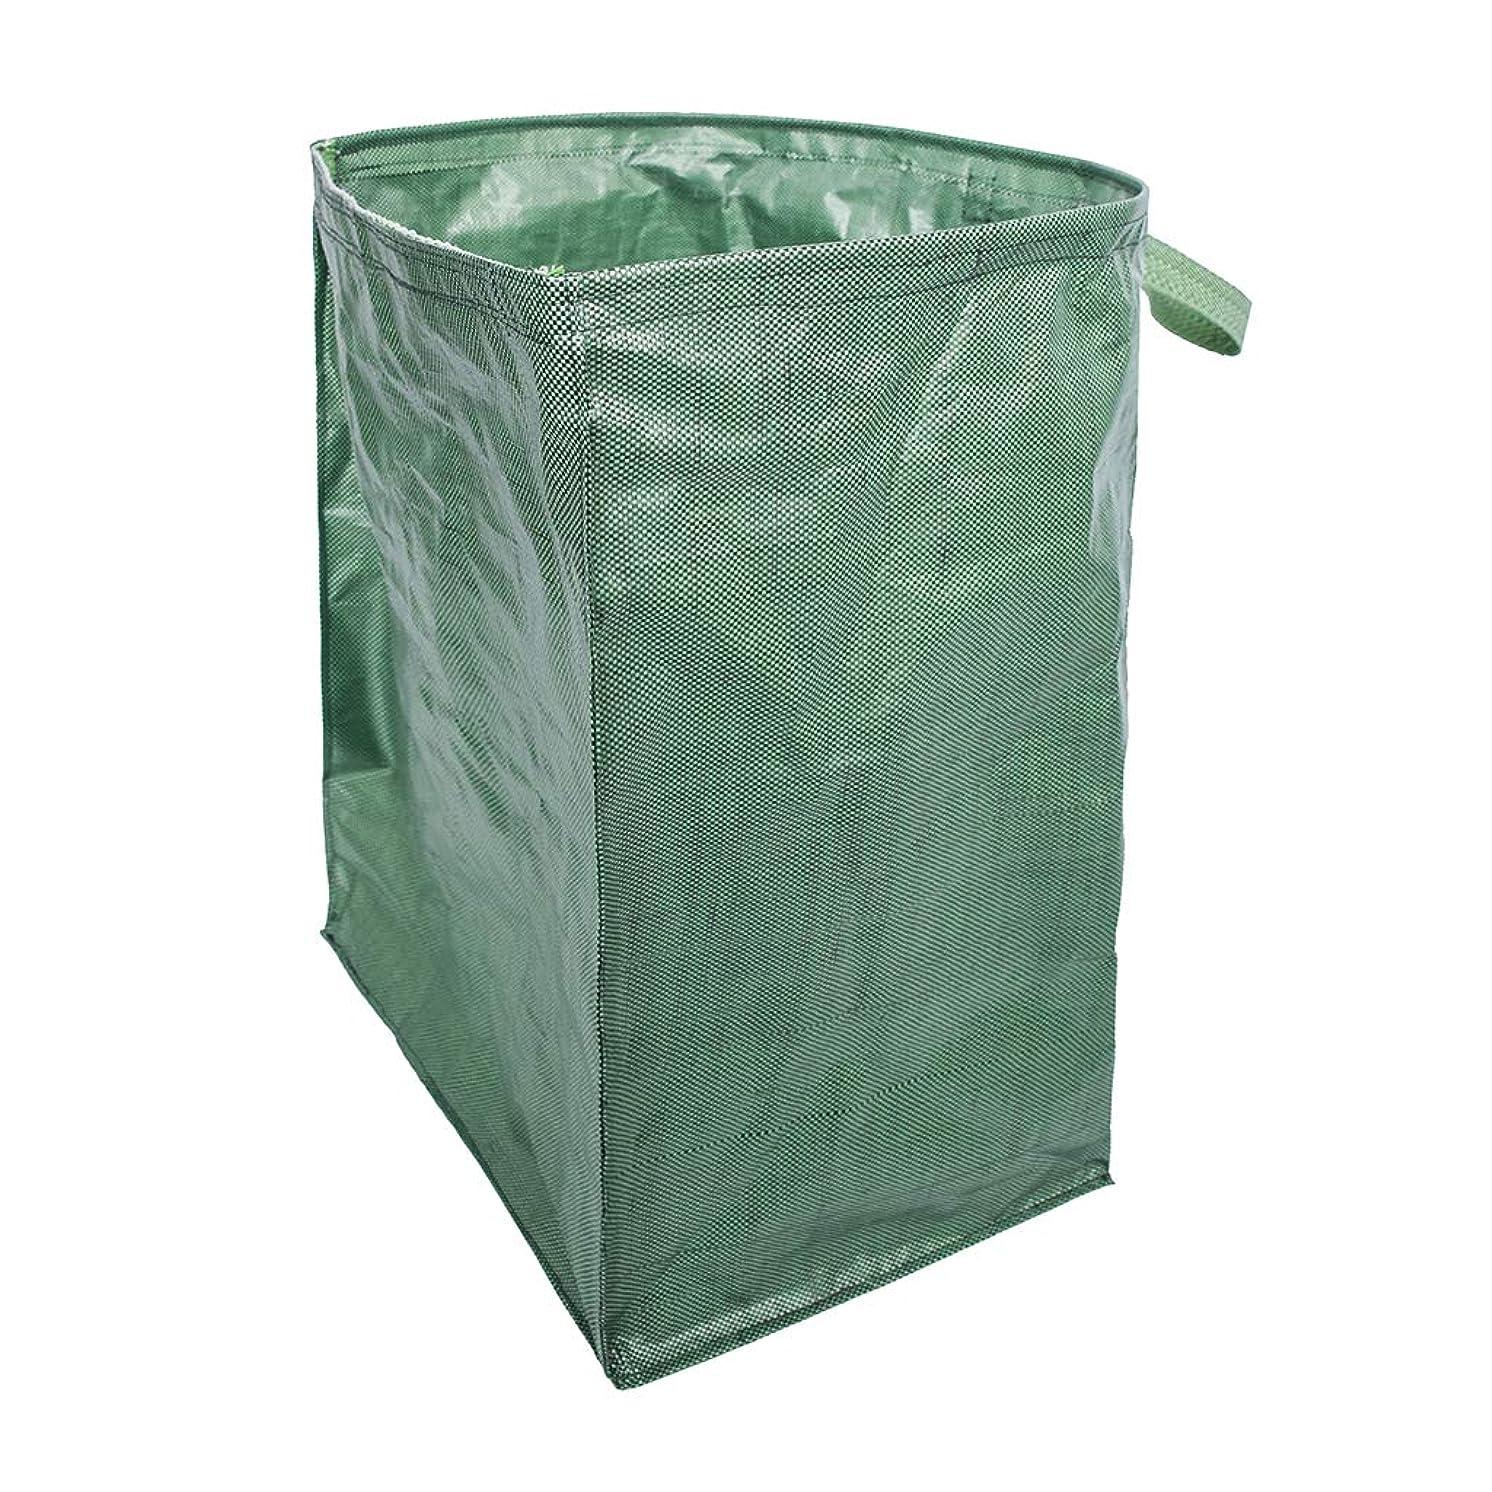 側苦味フォーマットガーデンバッグ ガーデンバケツ ゴミバッグ 集草バッグ 収穫かご 大容量 園芸用 お庭の清掃 再利用可